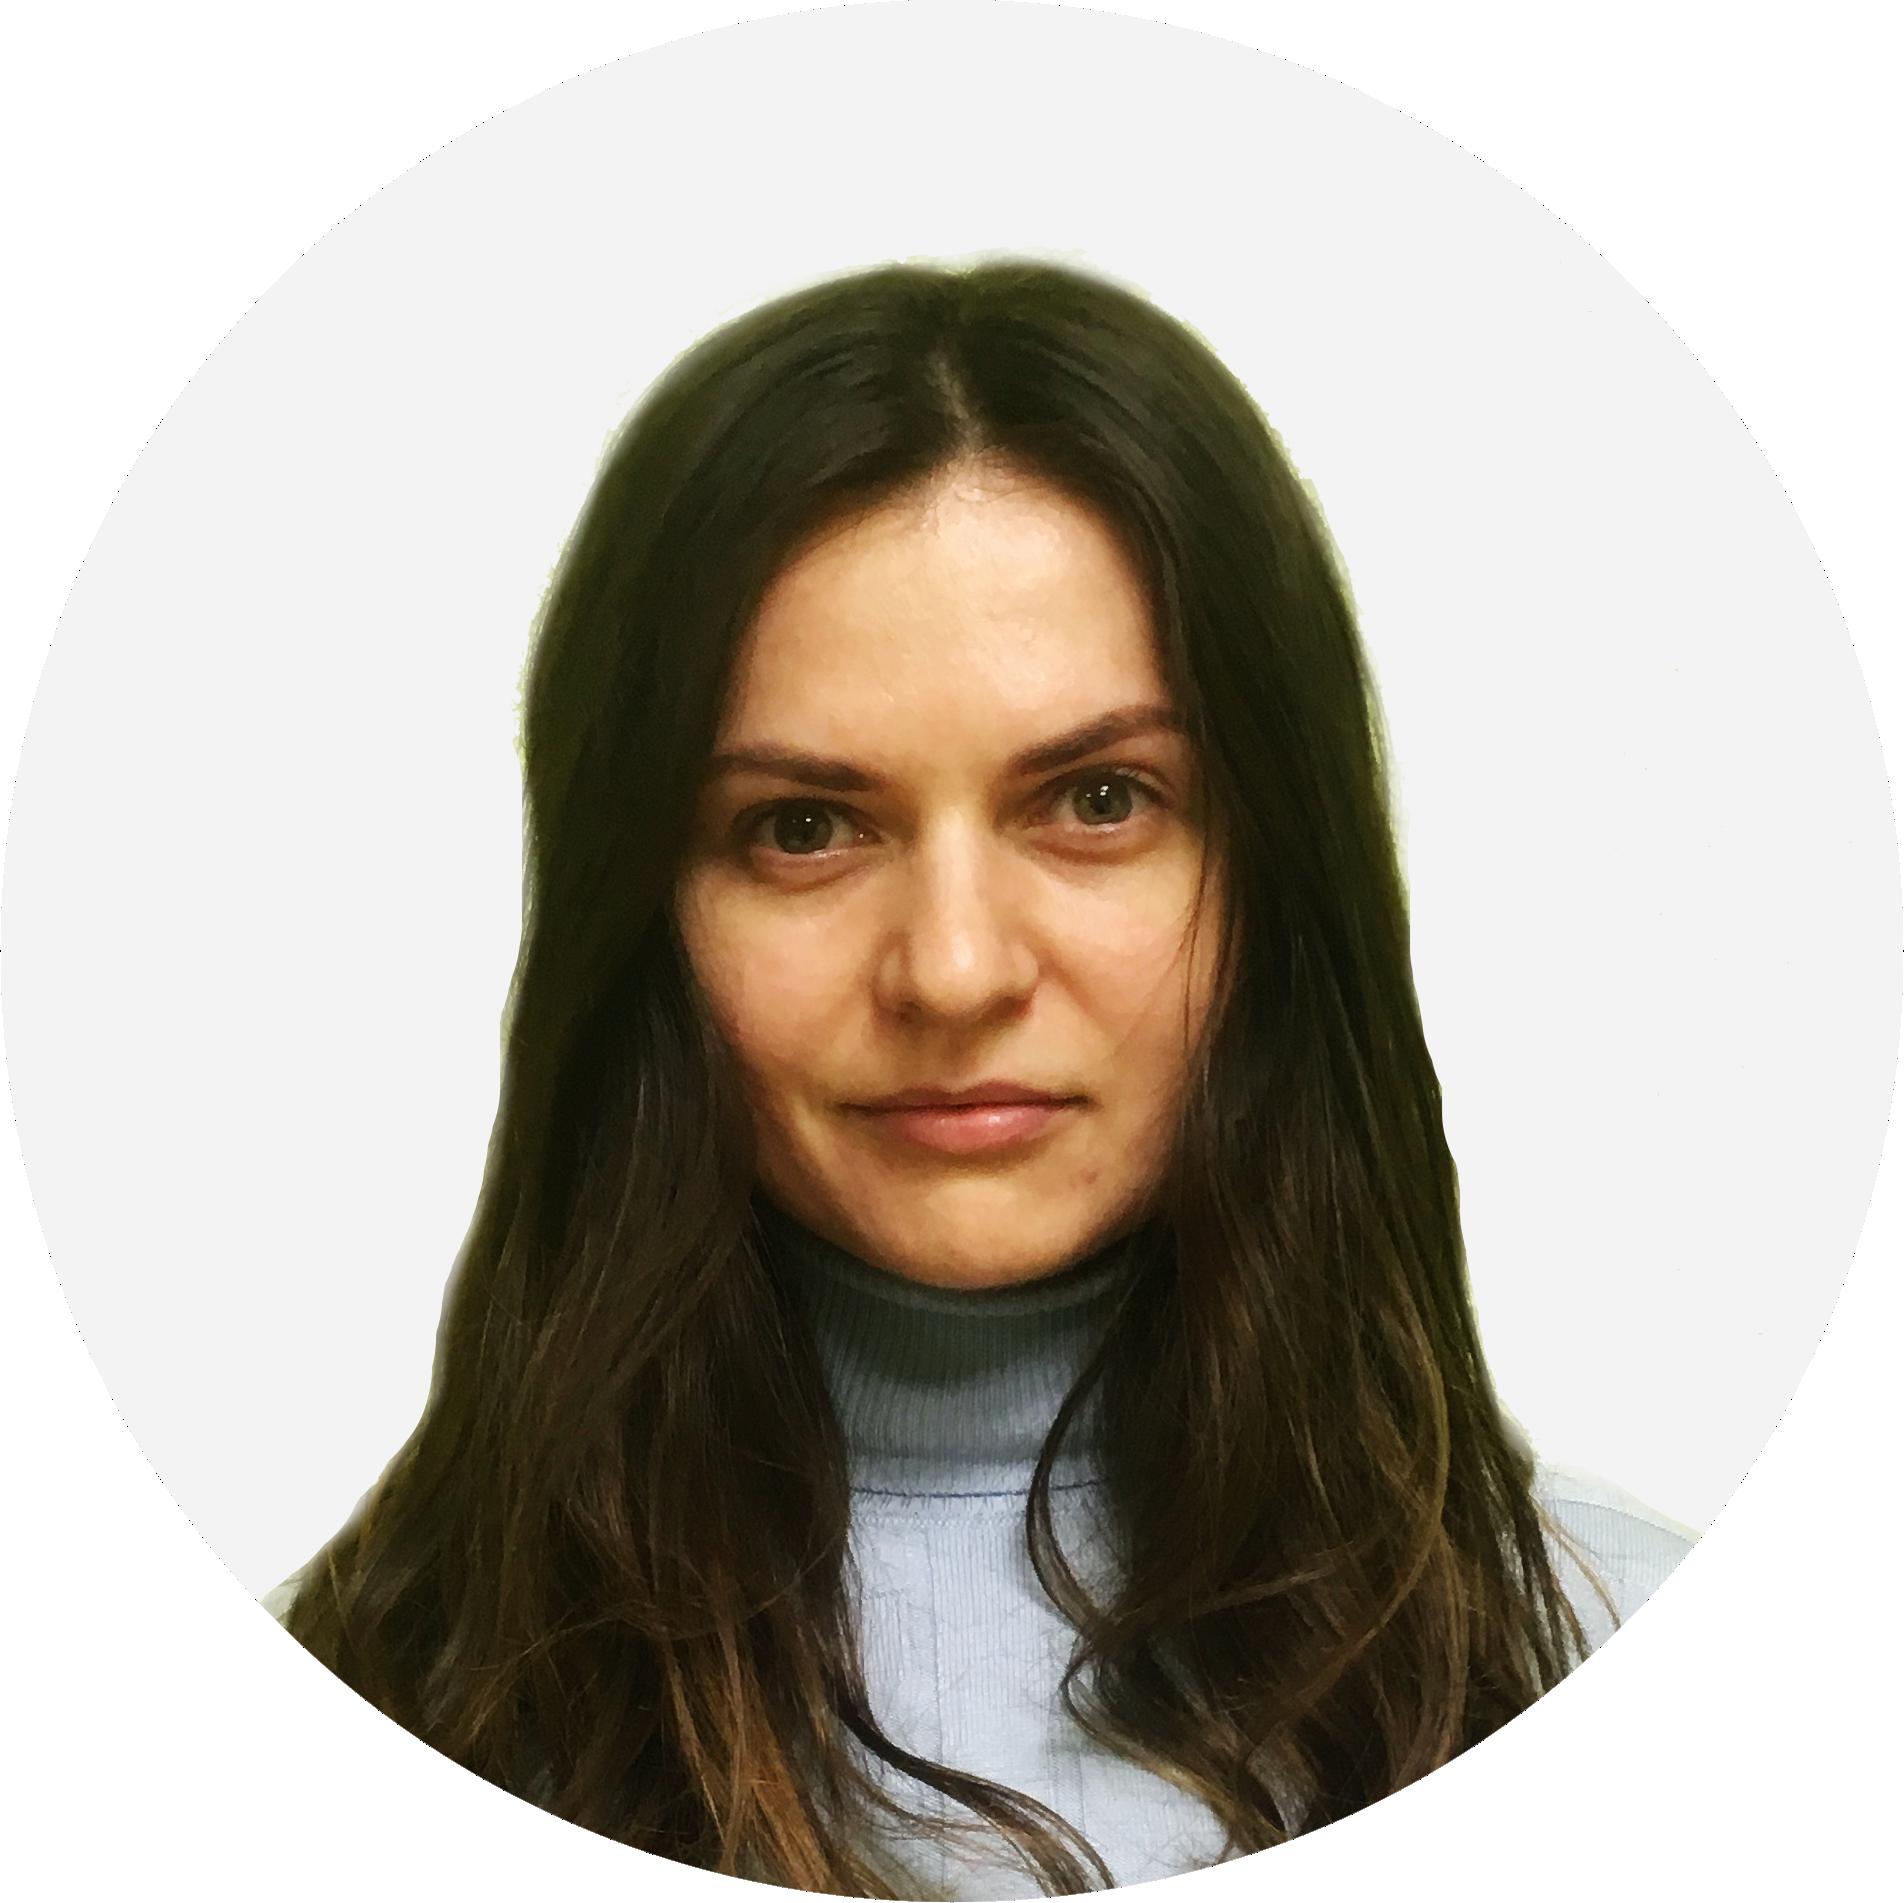 Гнилицкая Ксения Олеговна - репетитор ЕГЭ и ОГЭ